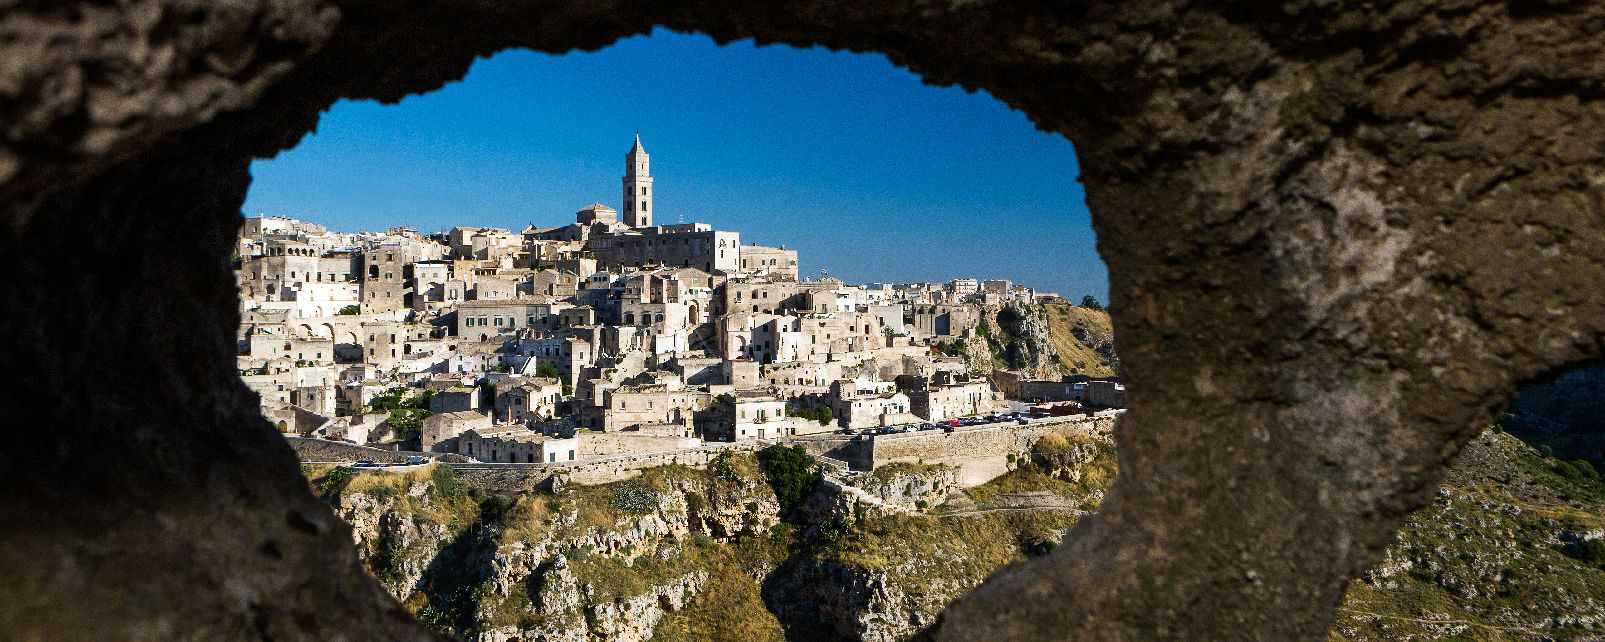 Les sassi de Matera , Italie